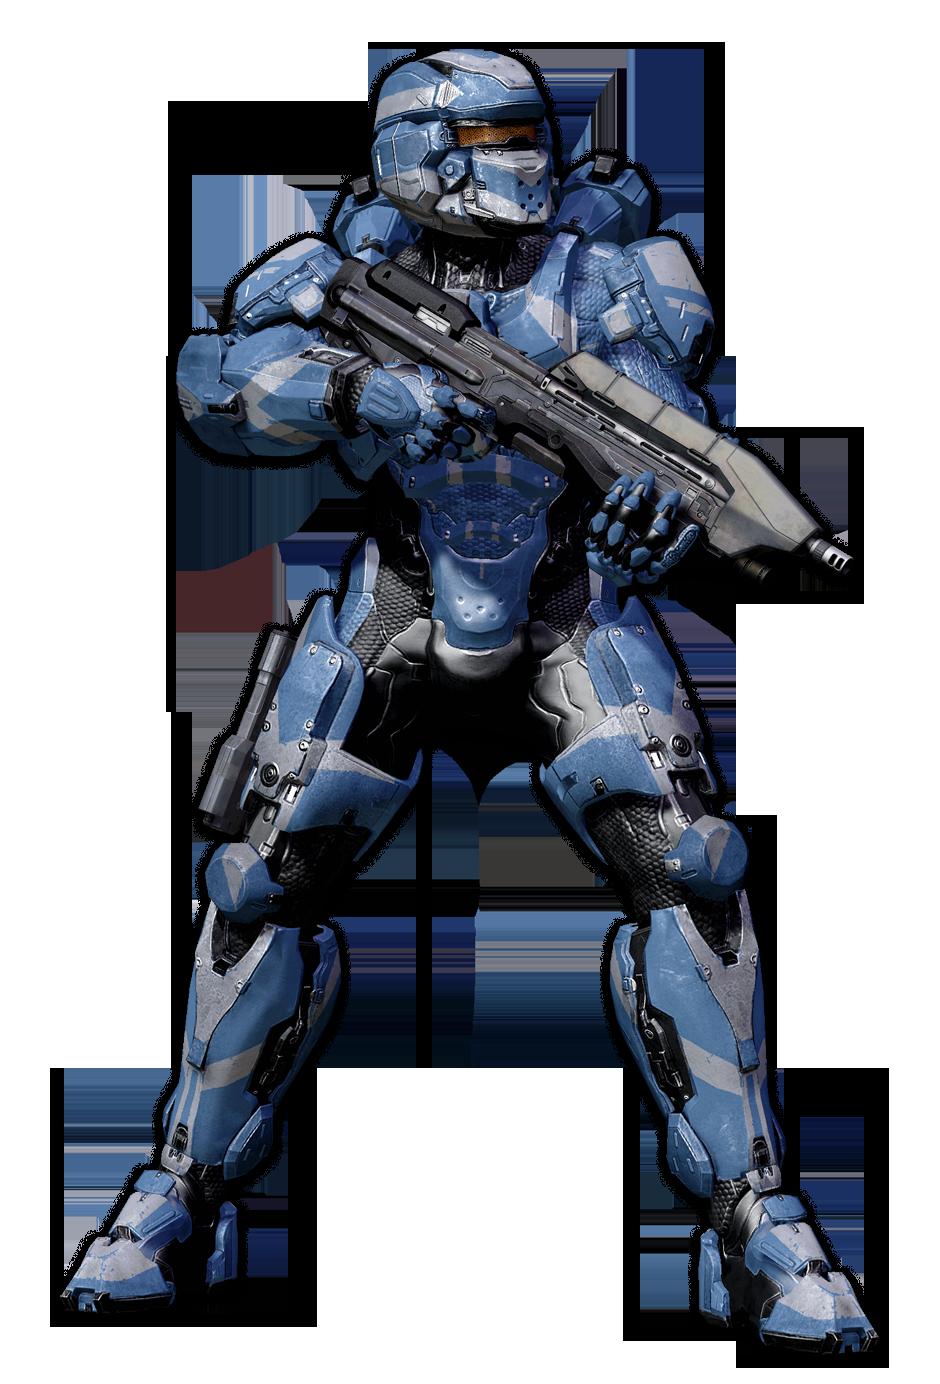 SPARTAN-IV program | Halo Alpha | FANDOM powered by Wikia